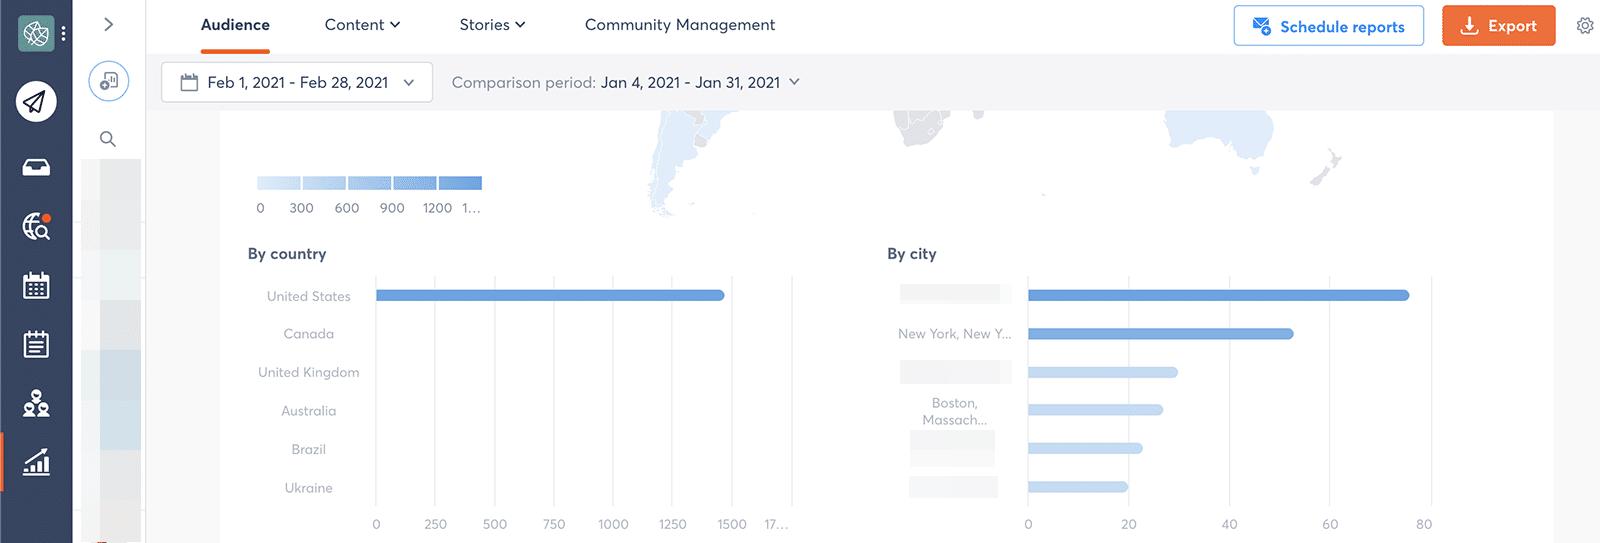 Instagram audience demographics